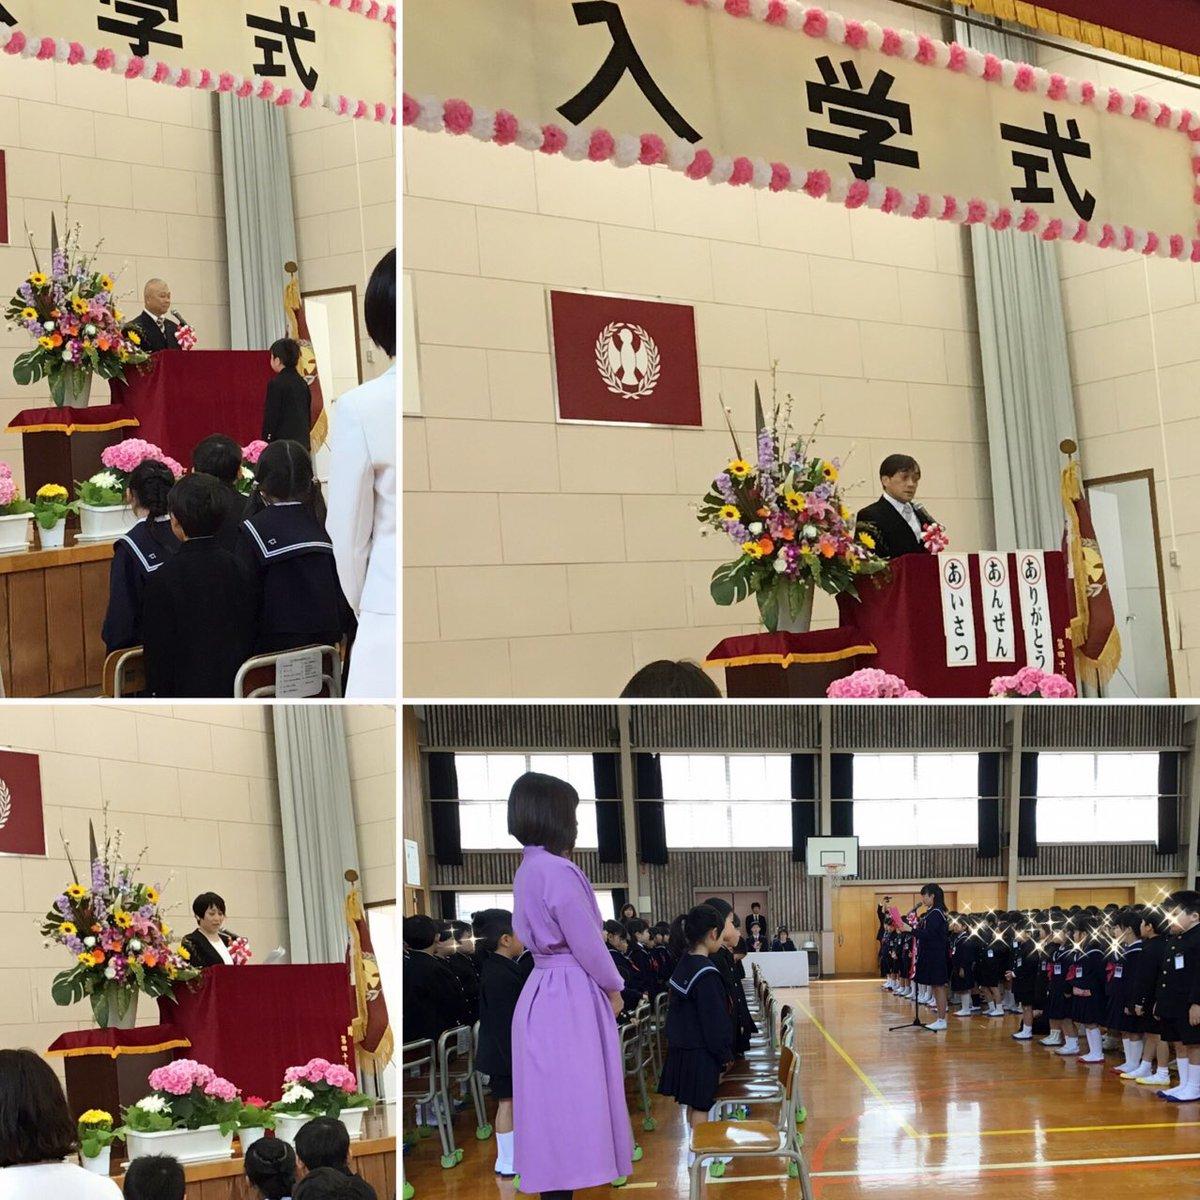 4月12日 鳥栖小学校入学式 新1年生117名のみなさん♪ご入学おめでとうございます㊗️ 校長先生は、3つの「あ」についてお話しされました。